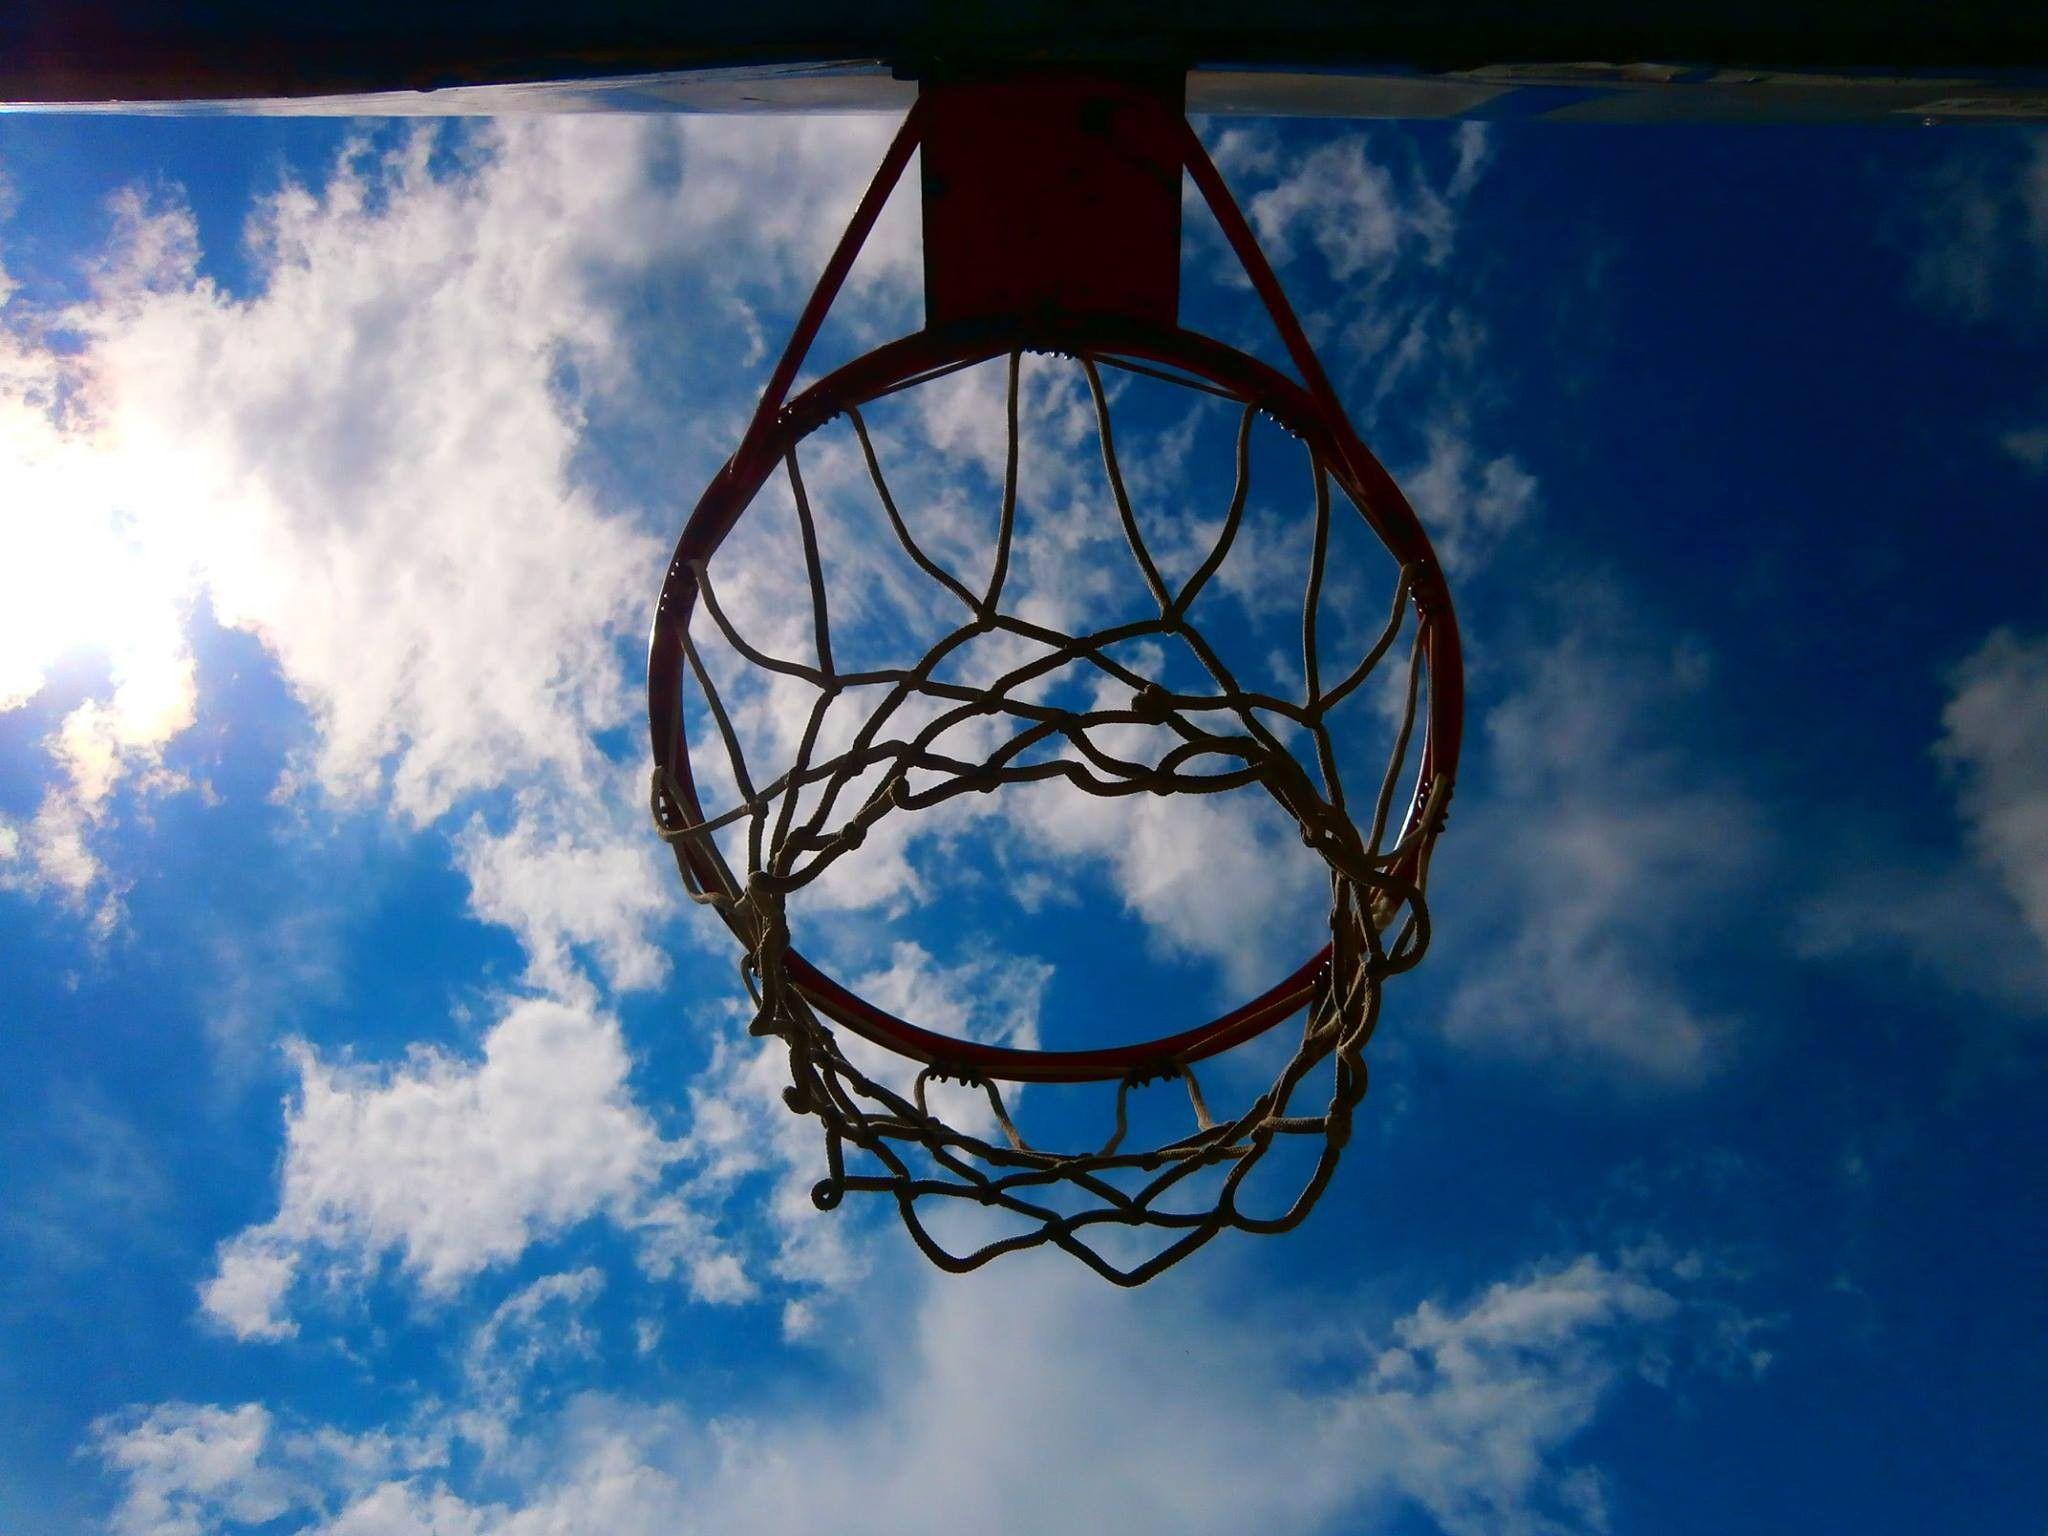 Basketball Computer Wallpapers Desktop Backgrounds 2048x1536 2048x1536